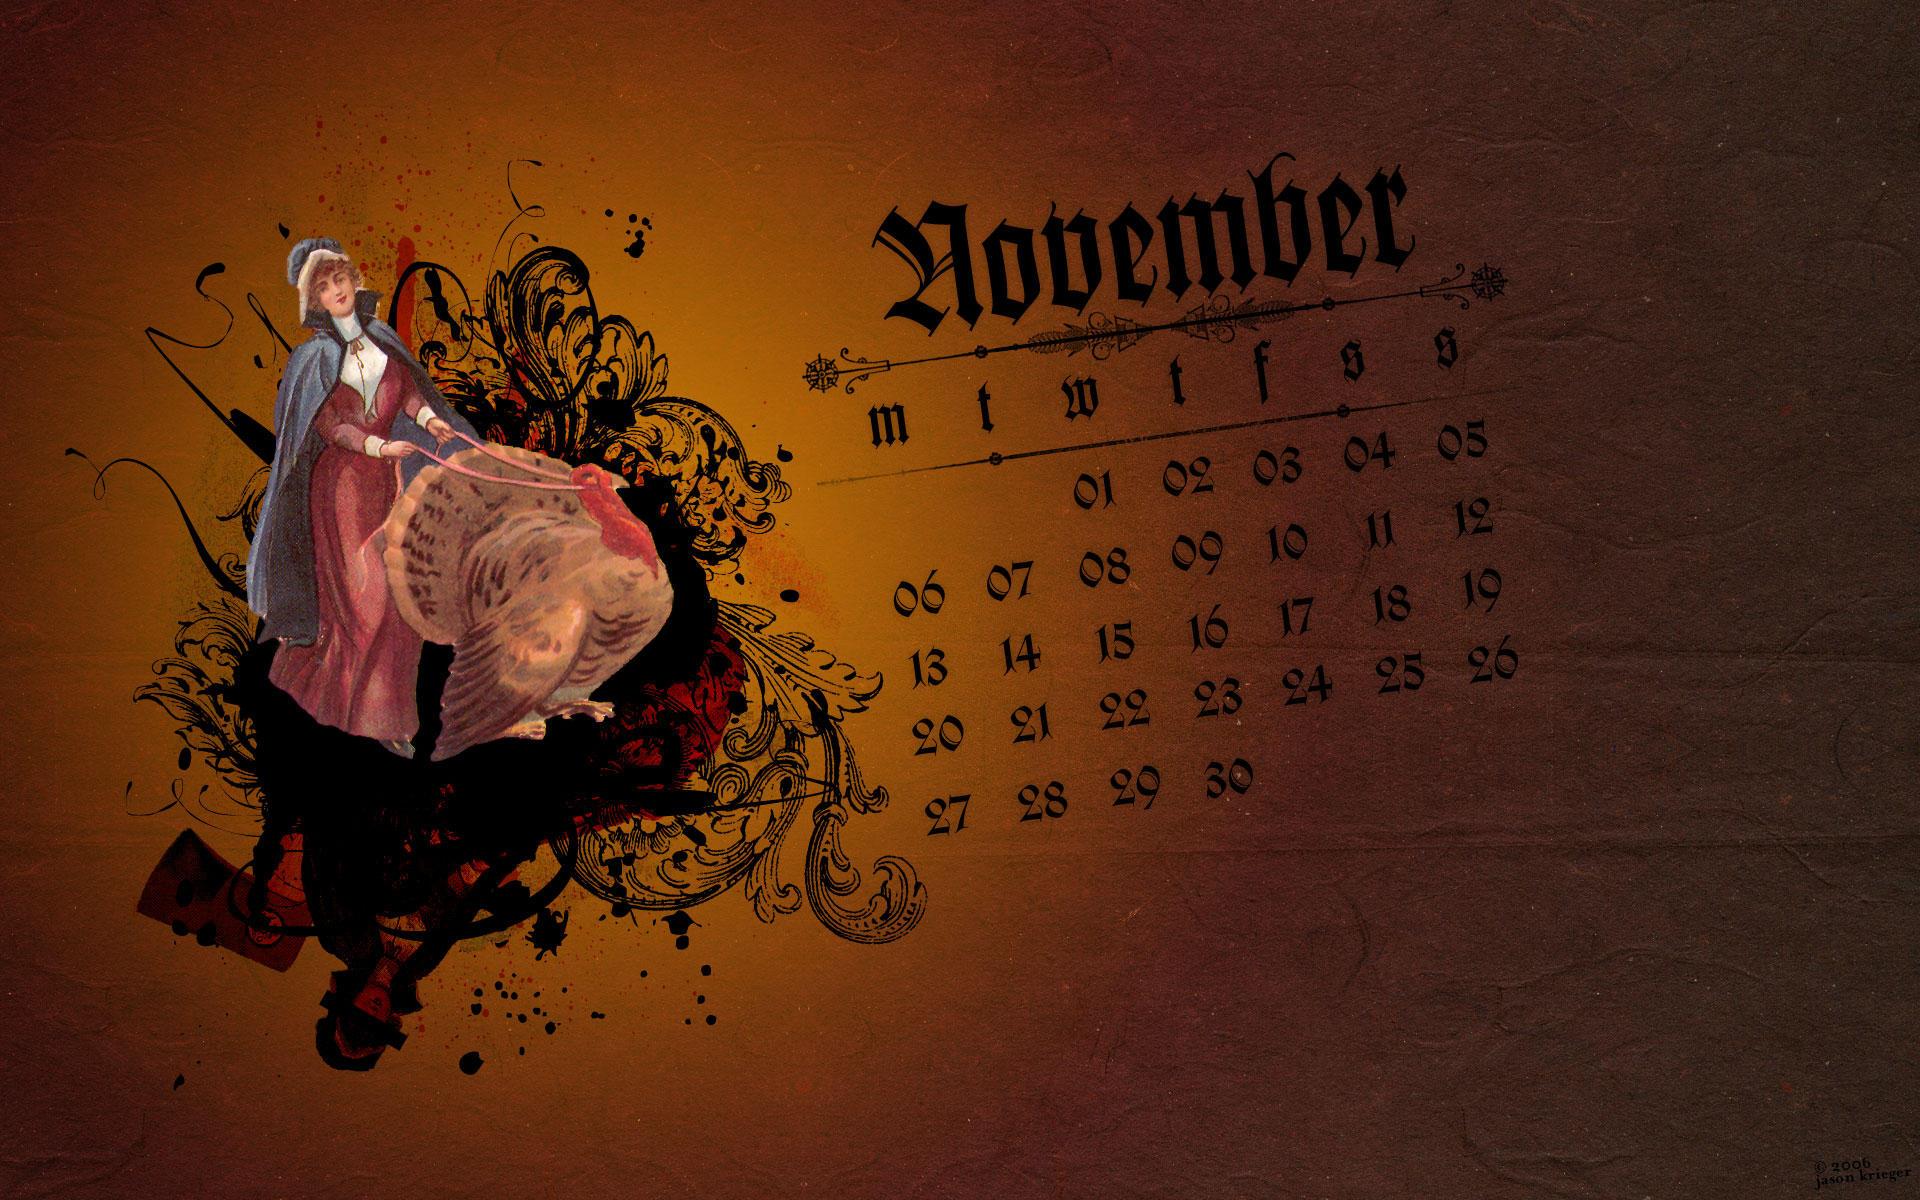 2006 november: